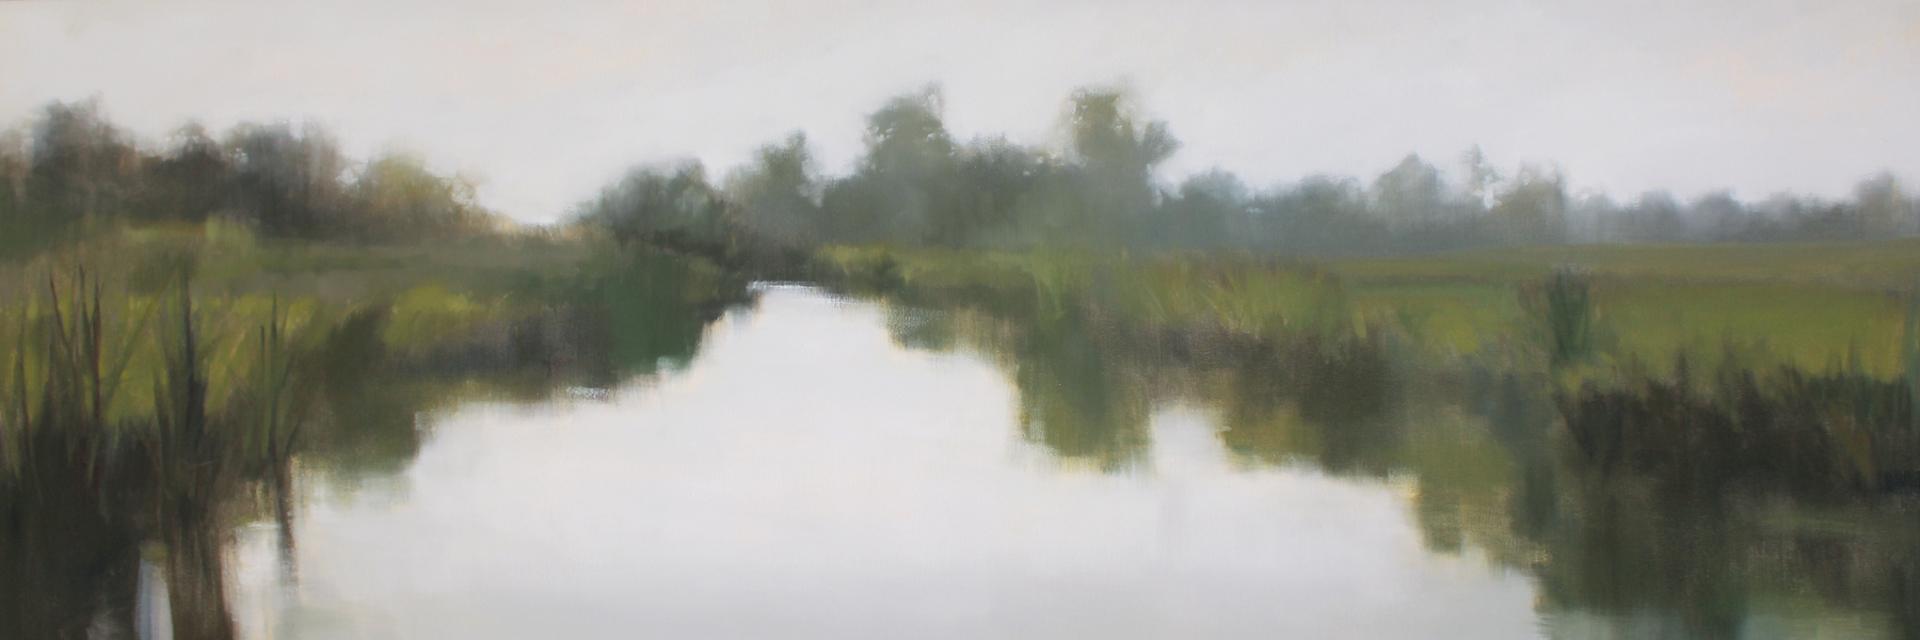 Marsh Drifting by Megan Lightell